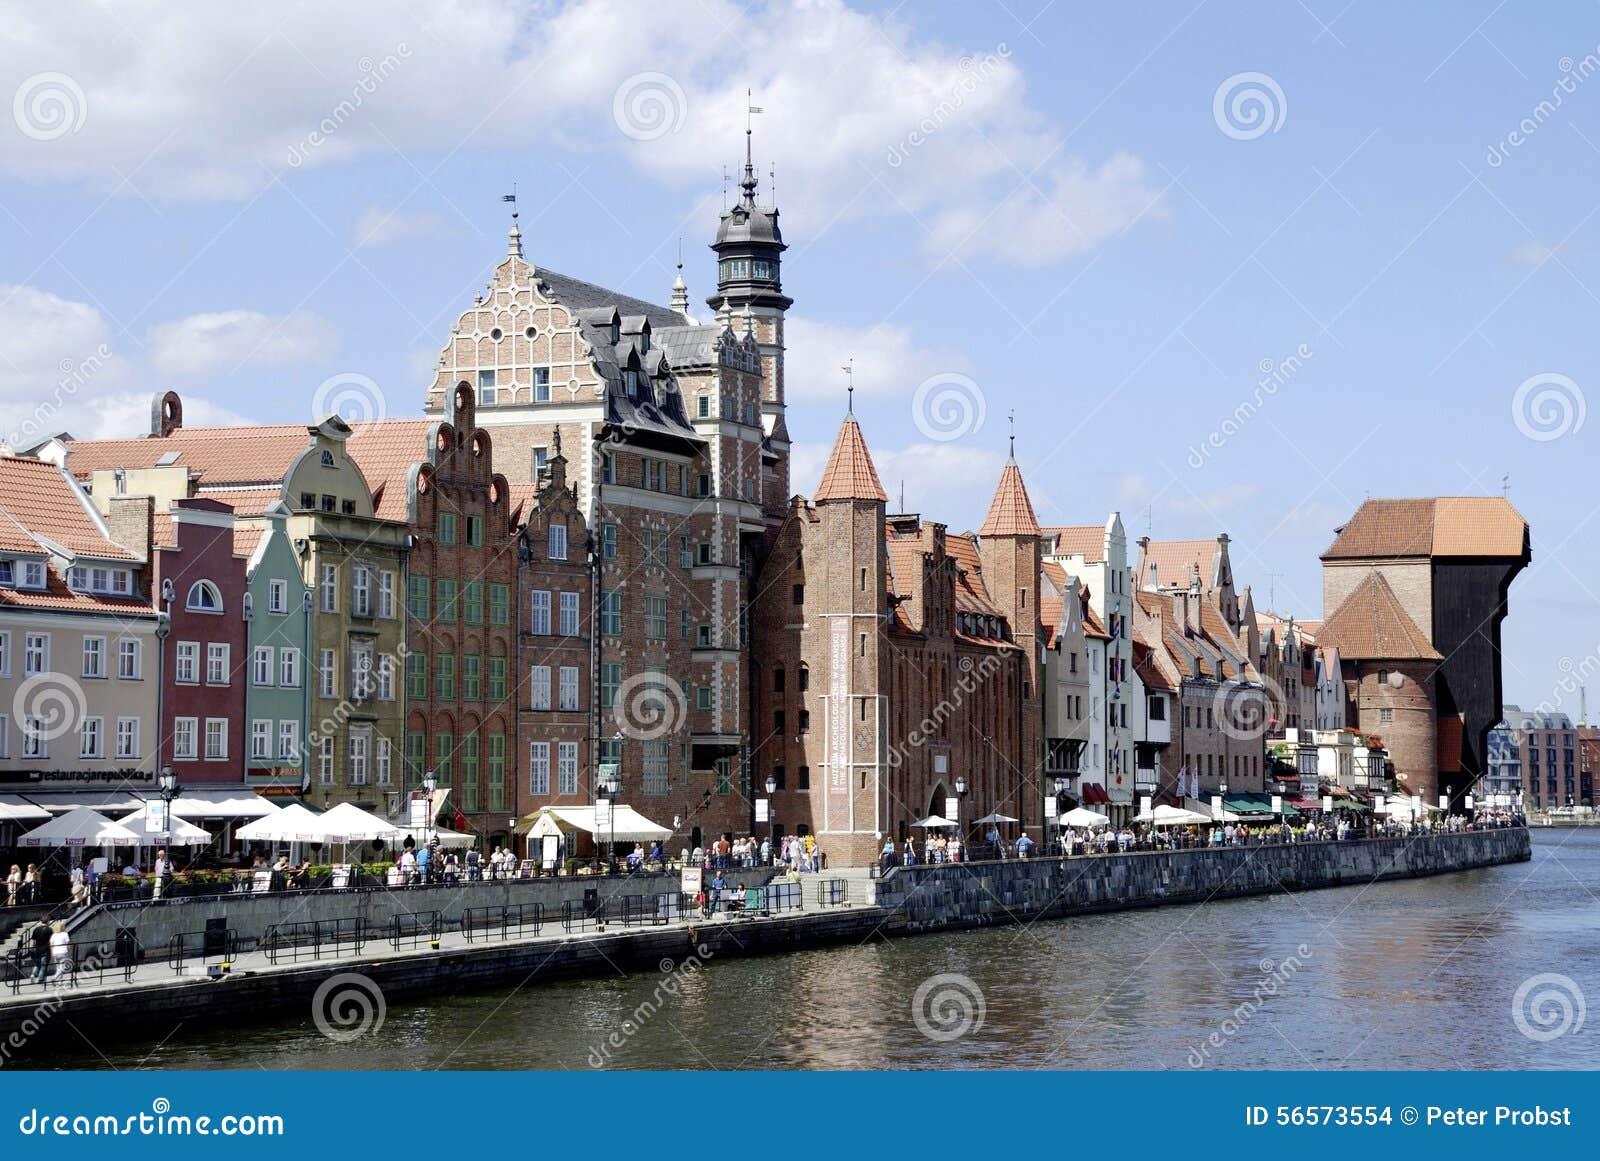 Download Ιστορική παλαιά πόλη του Γντανσκ στην Πολωνία Εκδοτική Στοκ Εικόνα - εικόνα από πολωνία, πεζός: 56573554